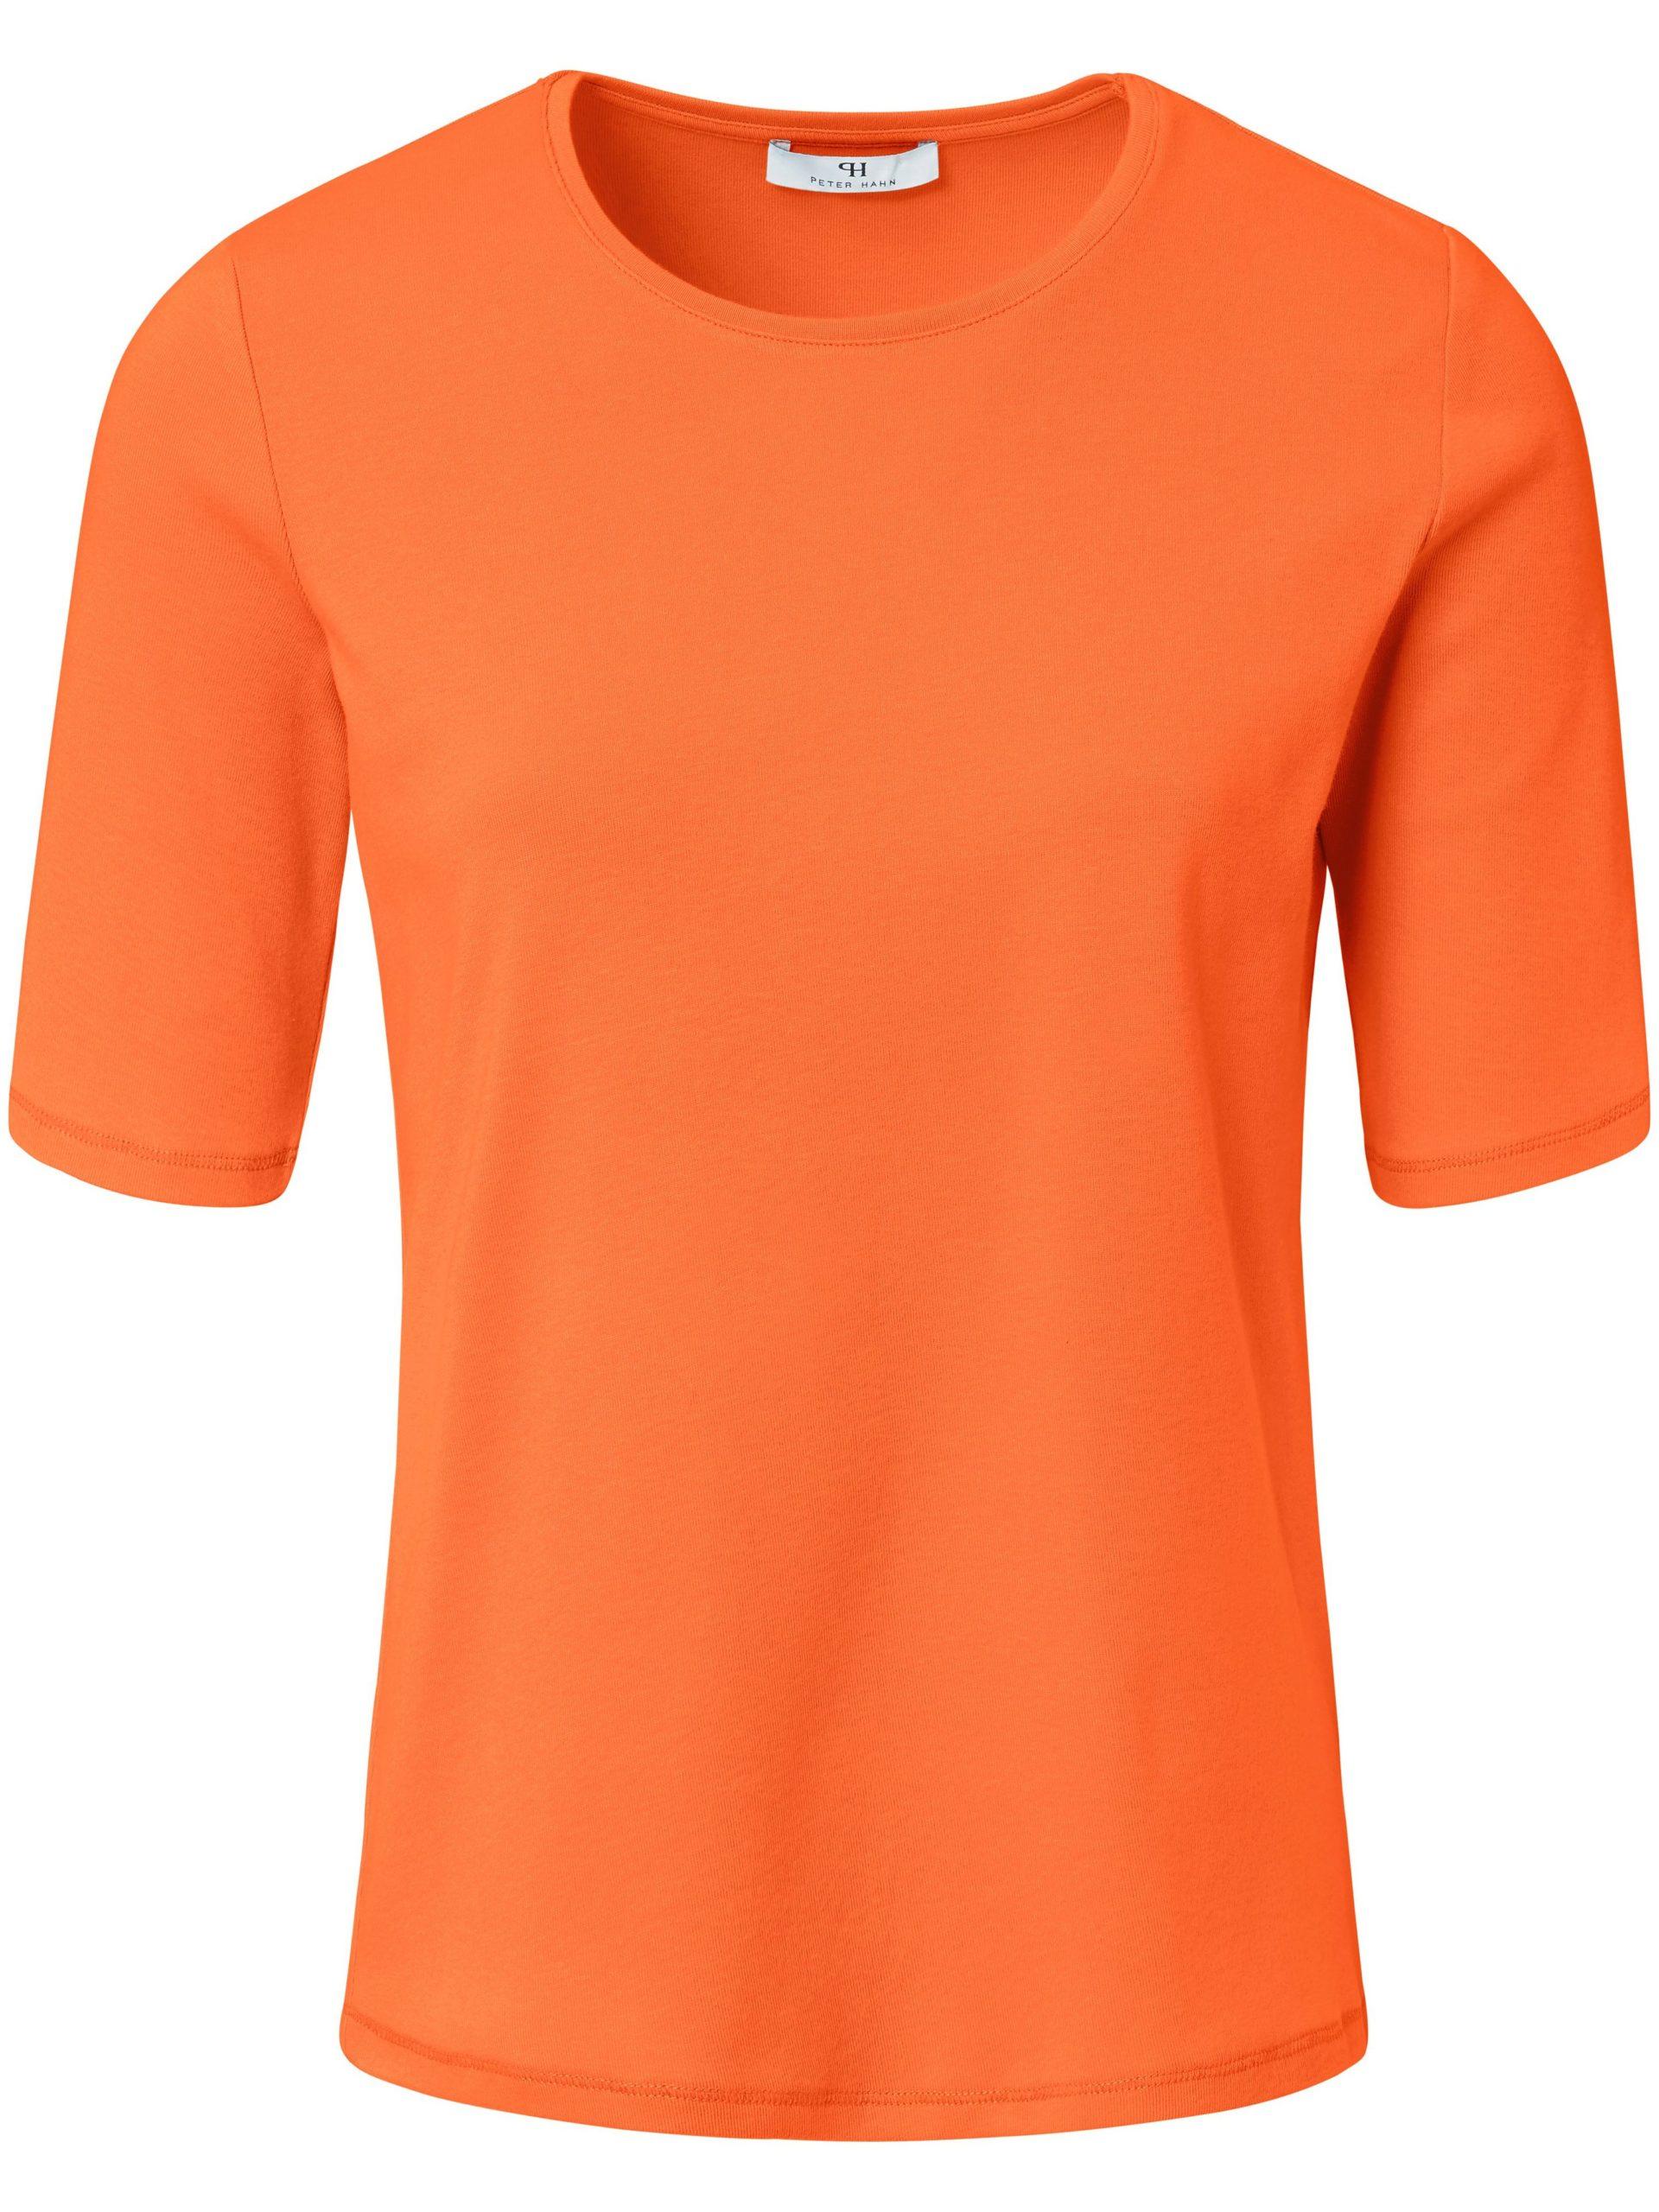 Shirt van 100% Pima Cotton met ronde hals Van Peter Hahn oranje Kopen